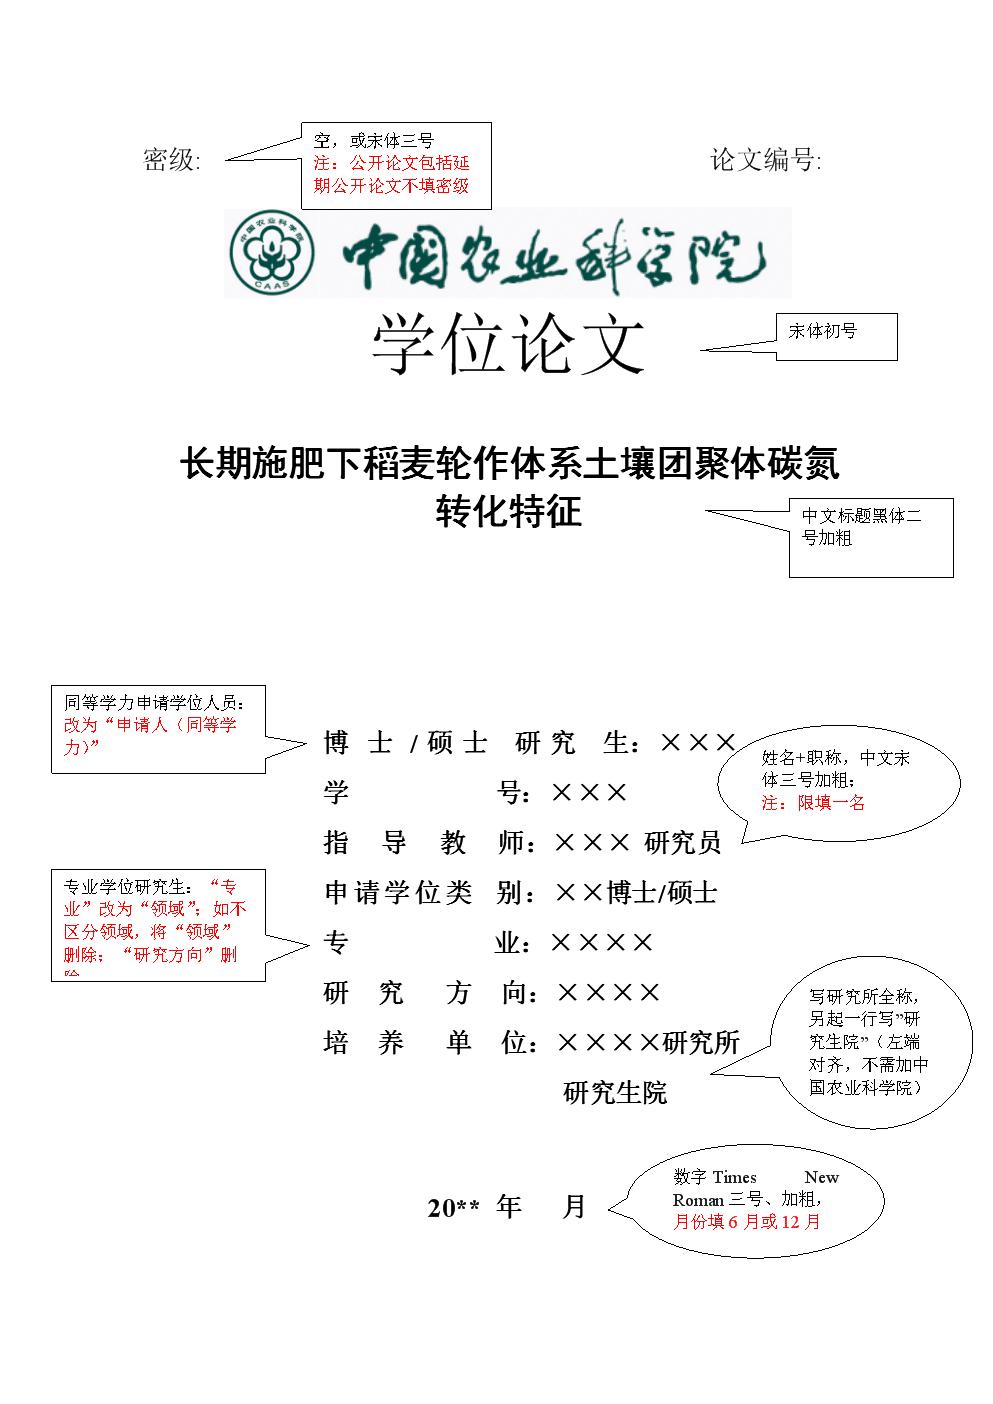 密级 论文编号 - caas.doc